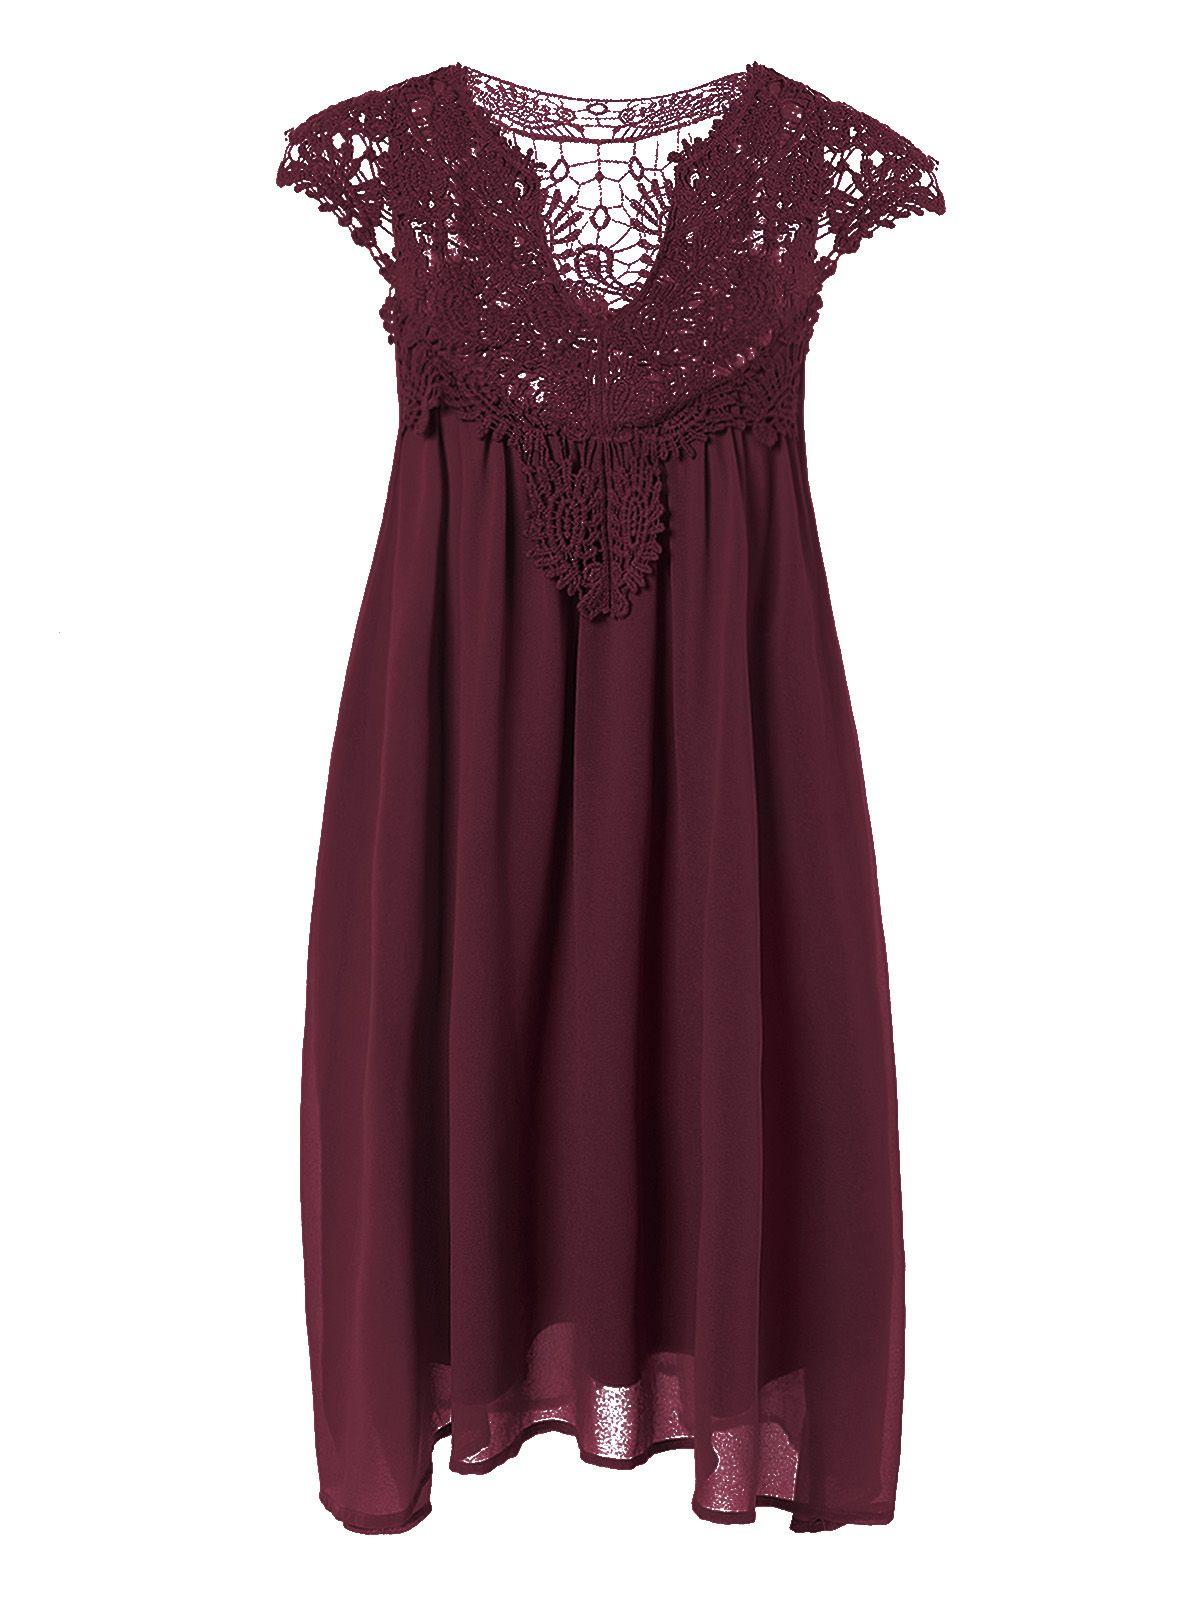 Plus size lace chiffon dress my style pinterest lace chiffon